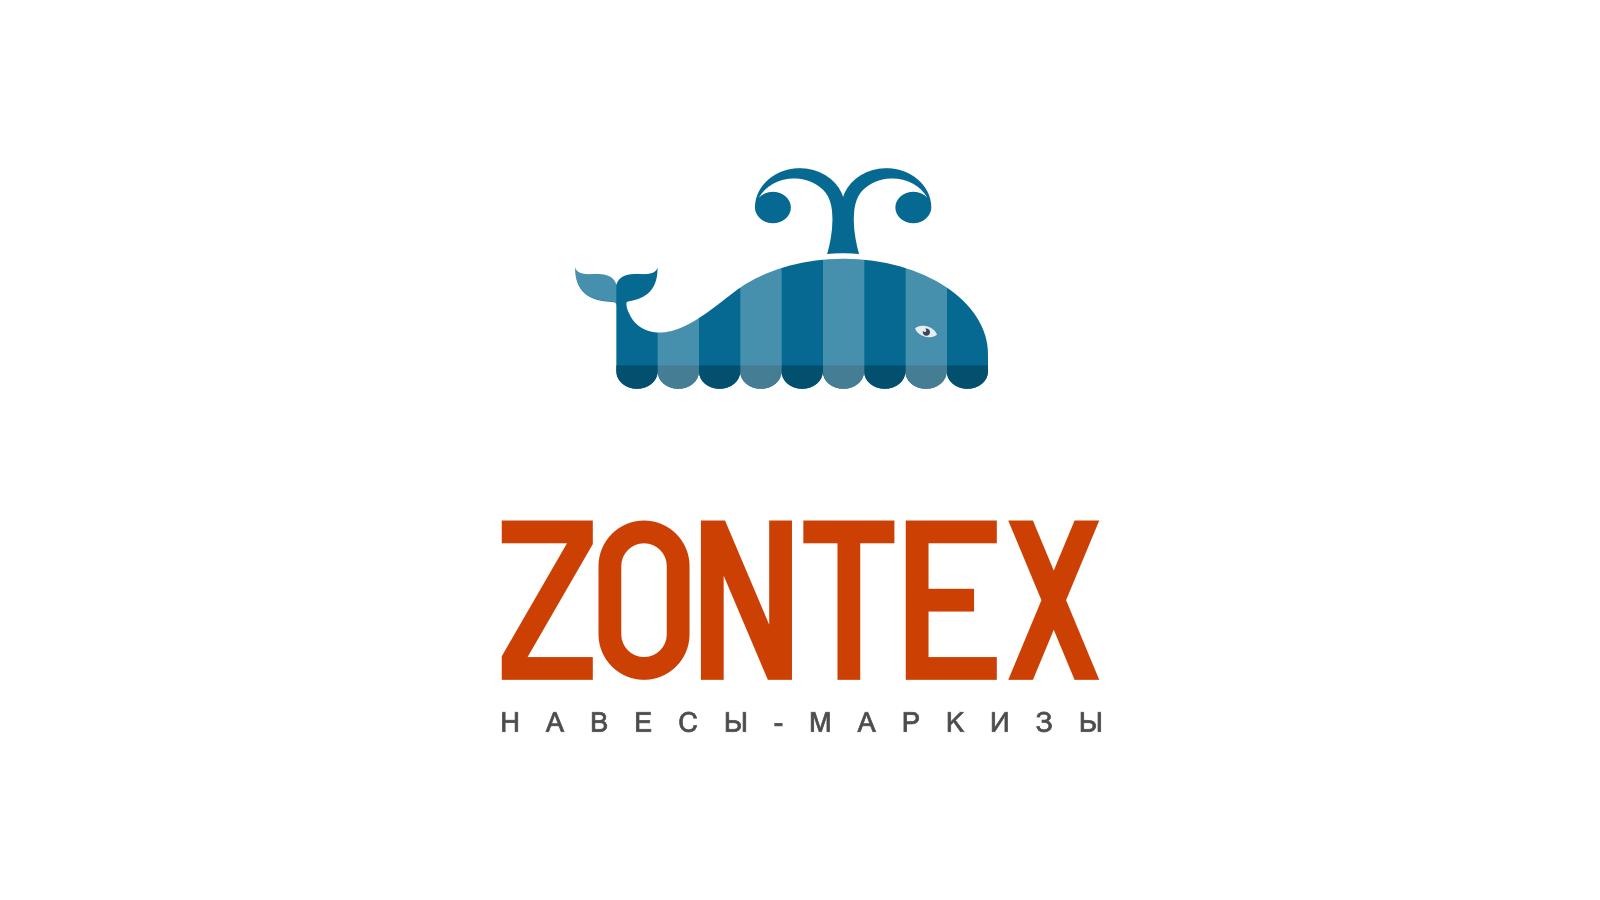 Логотип для интернет проекта фото f_6125a2d280379ecf.png